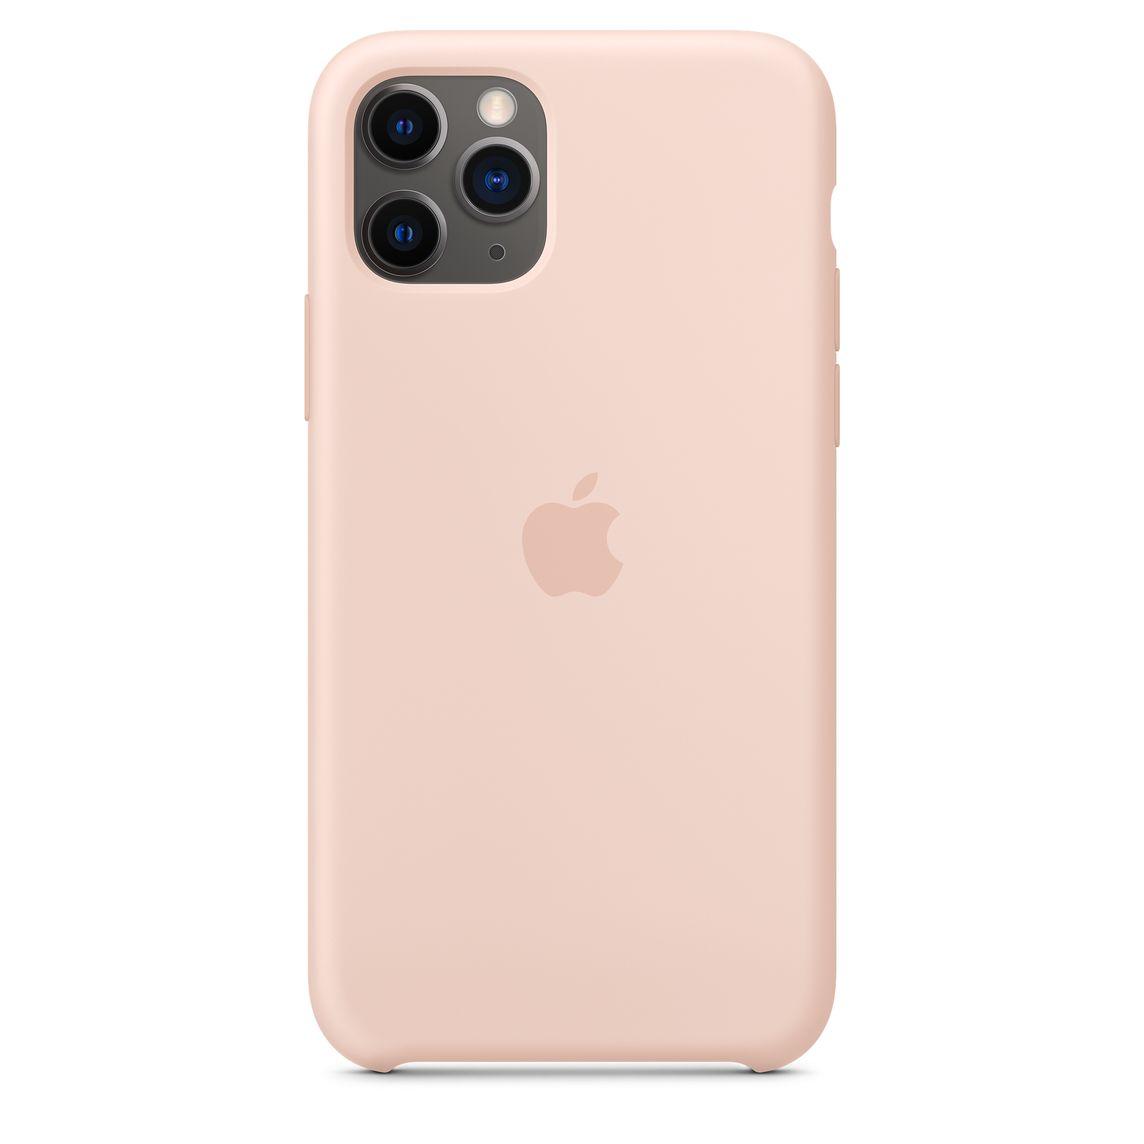 Étui en silicone pour iPhone 11 Pro - Sable rose